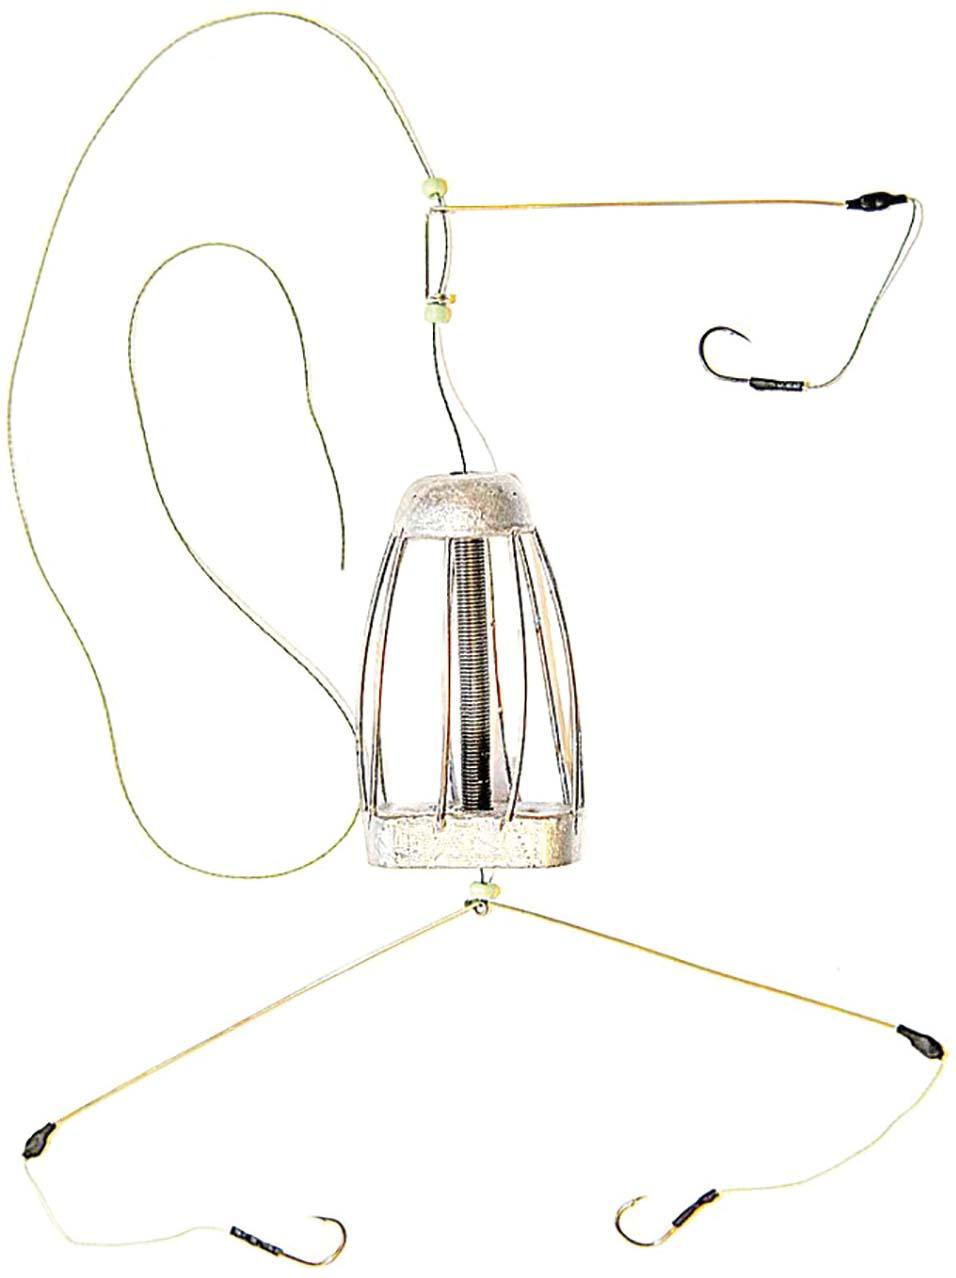 Кормушка для рыбы Монтаж ТК-3, оснащенная коромыслом и отводом, 30 г